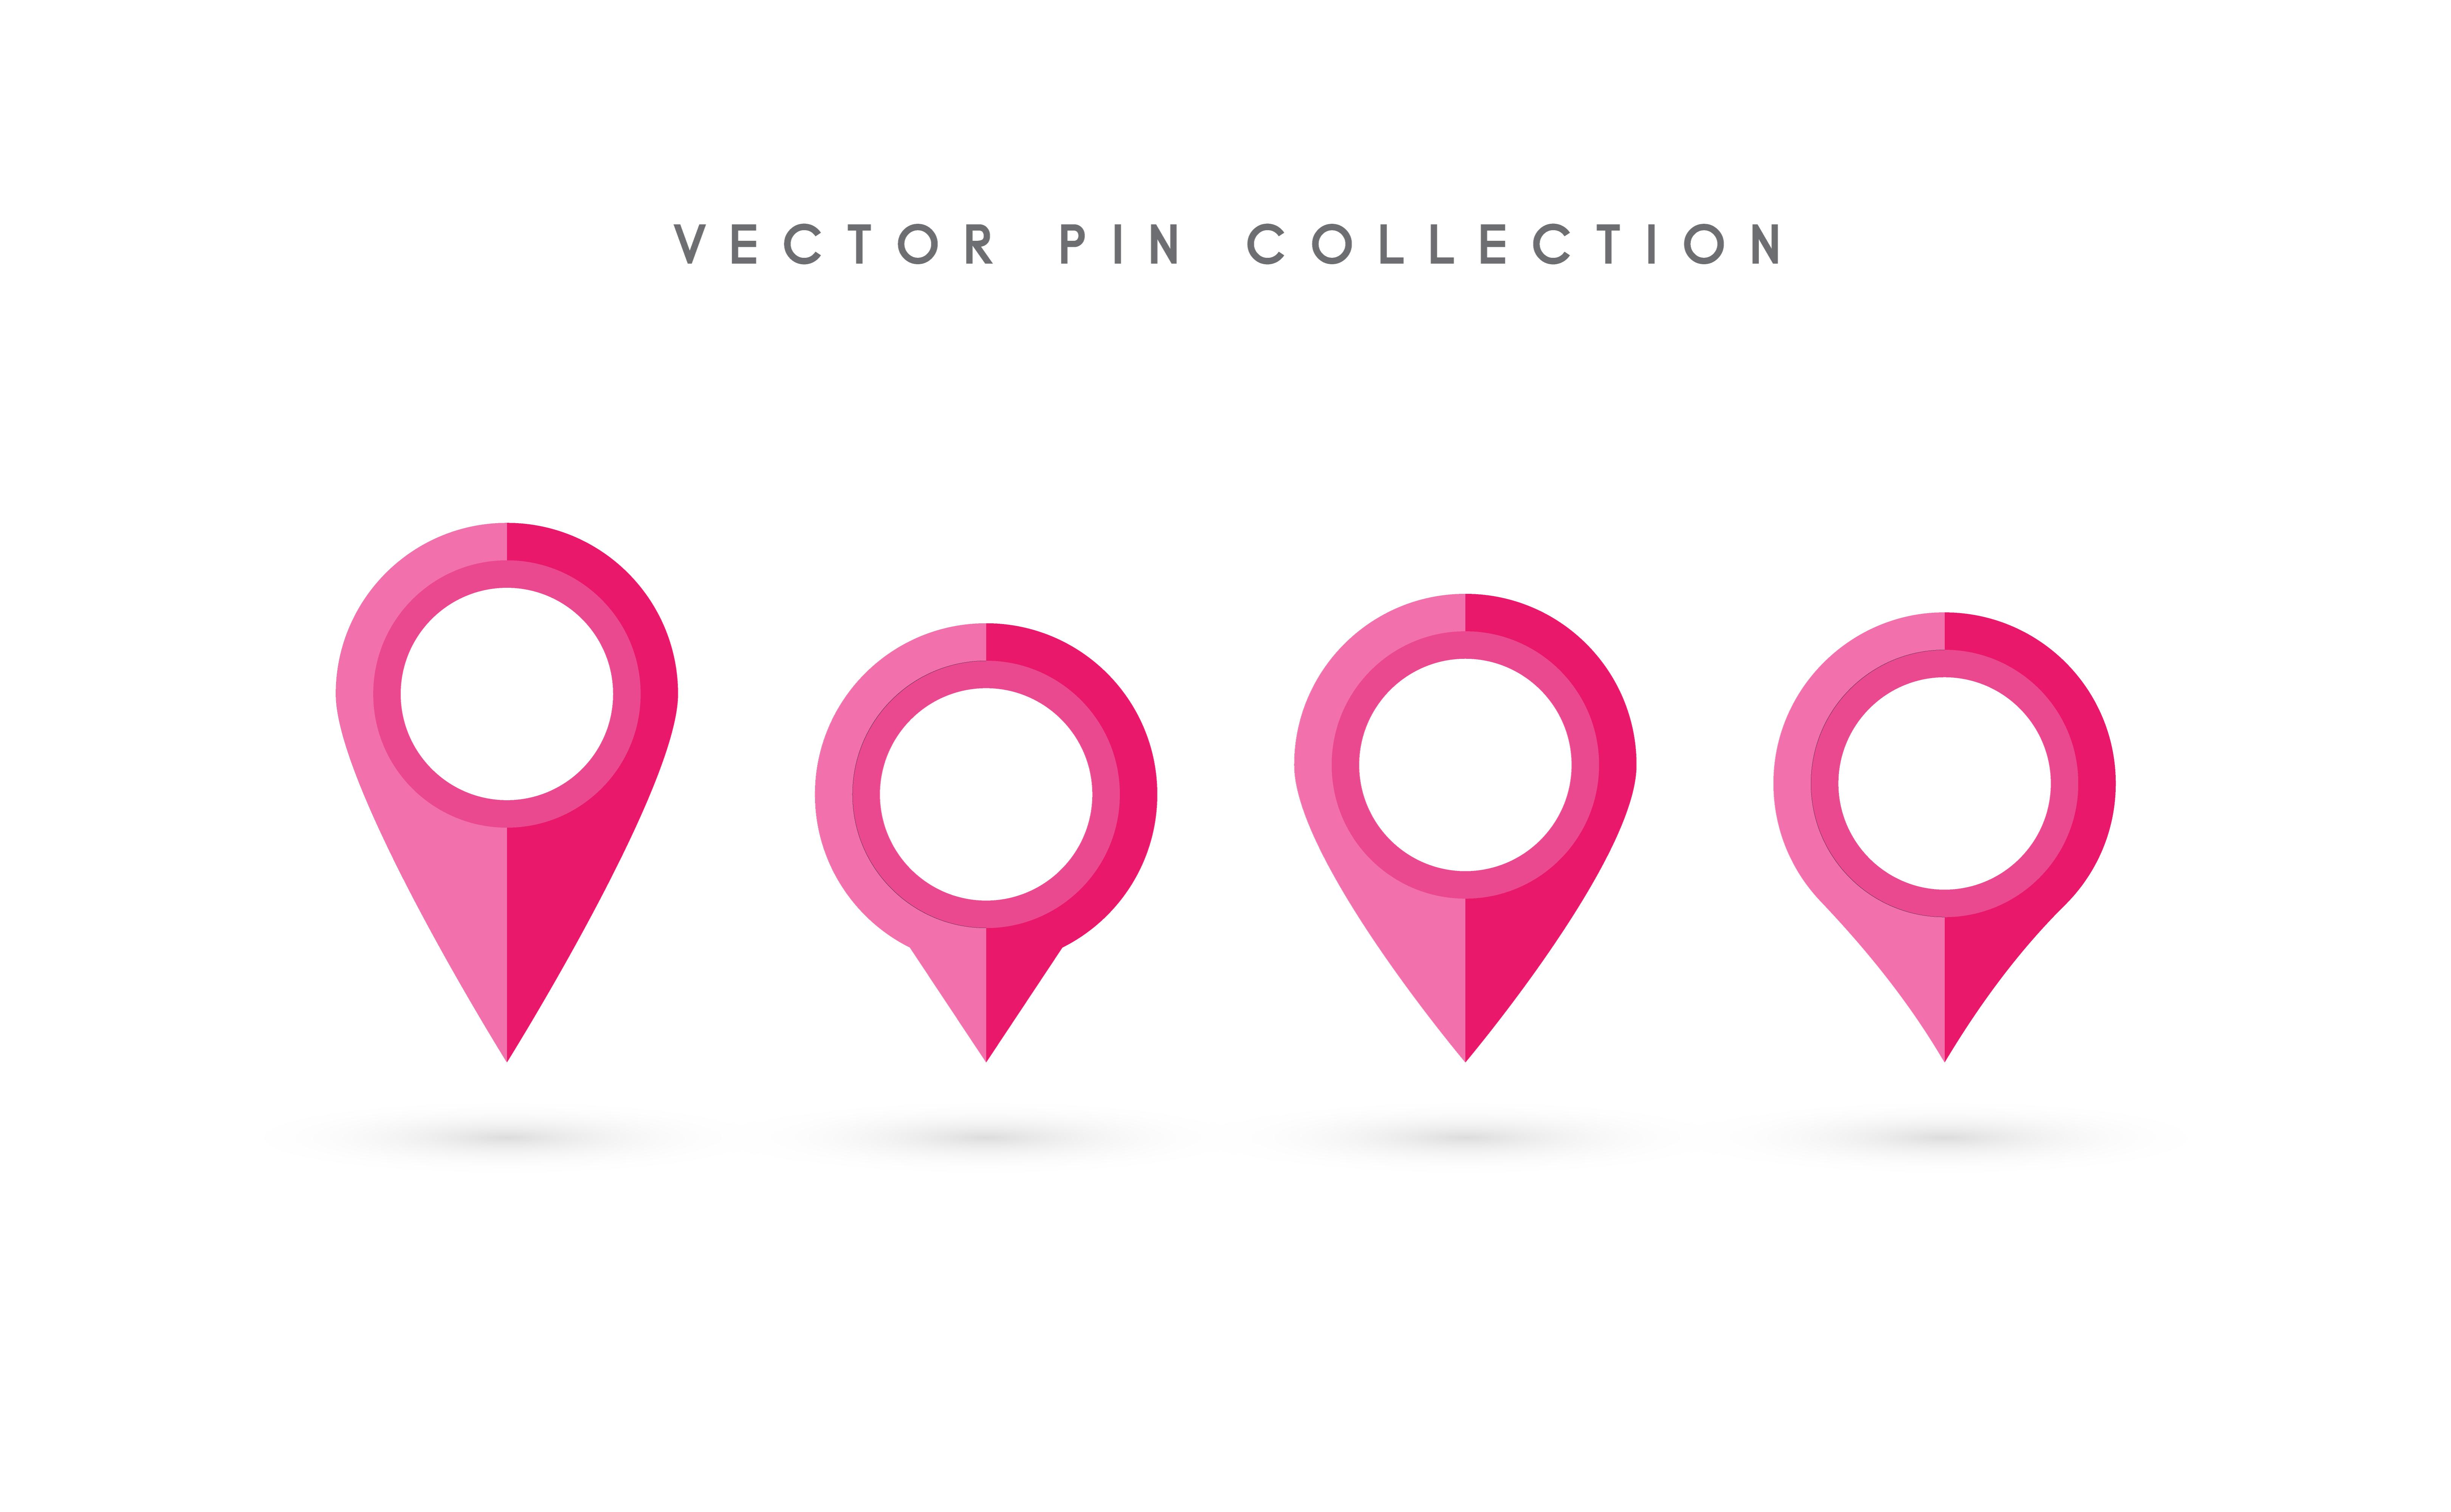 Ubicación Posición Icono Gráficos Vectoriales Gratis